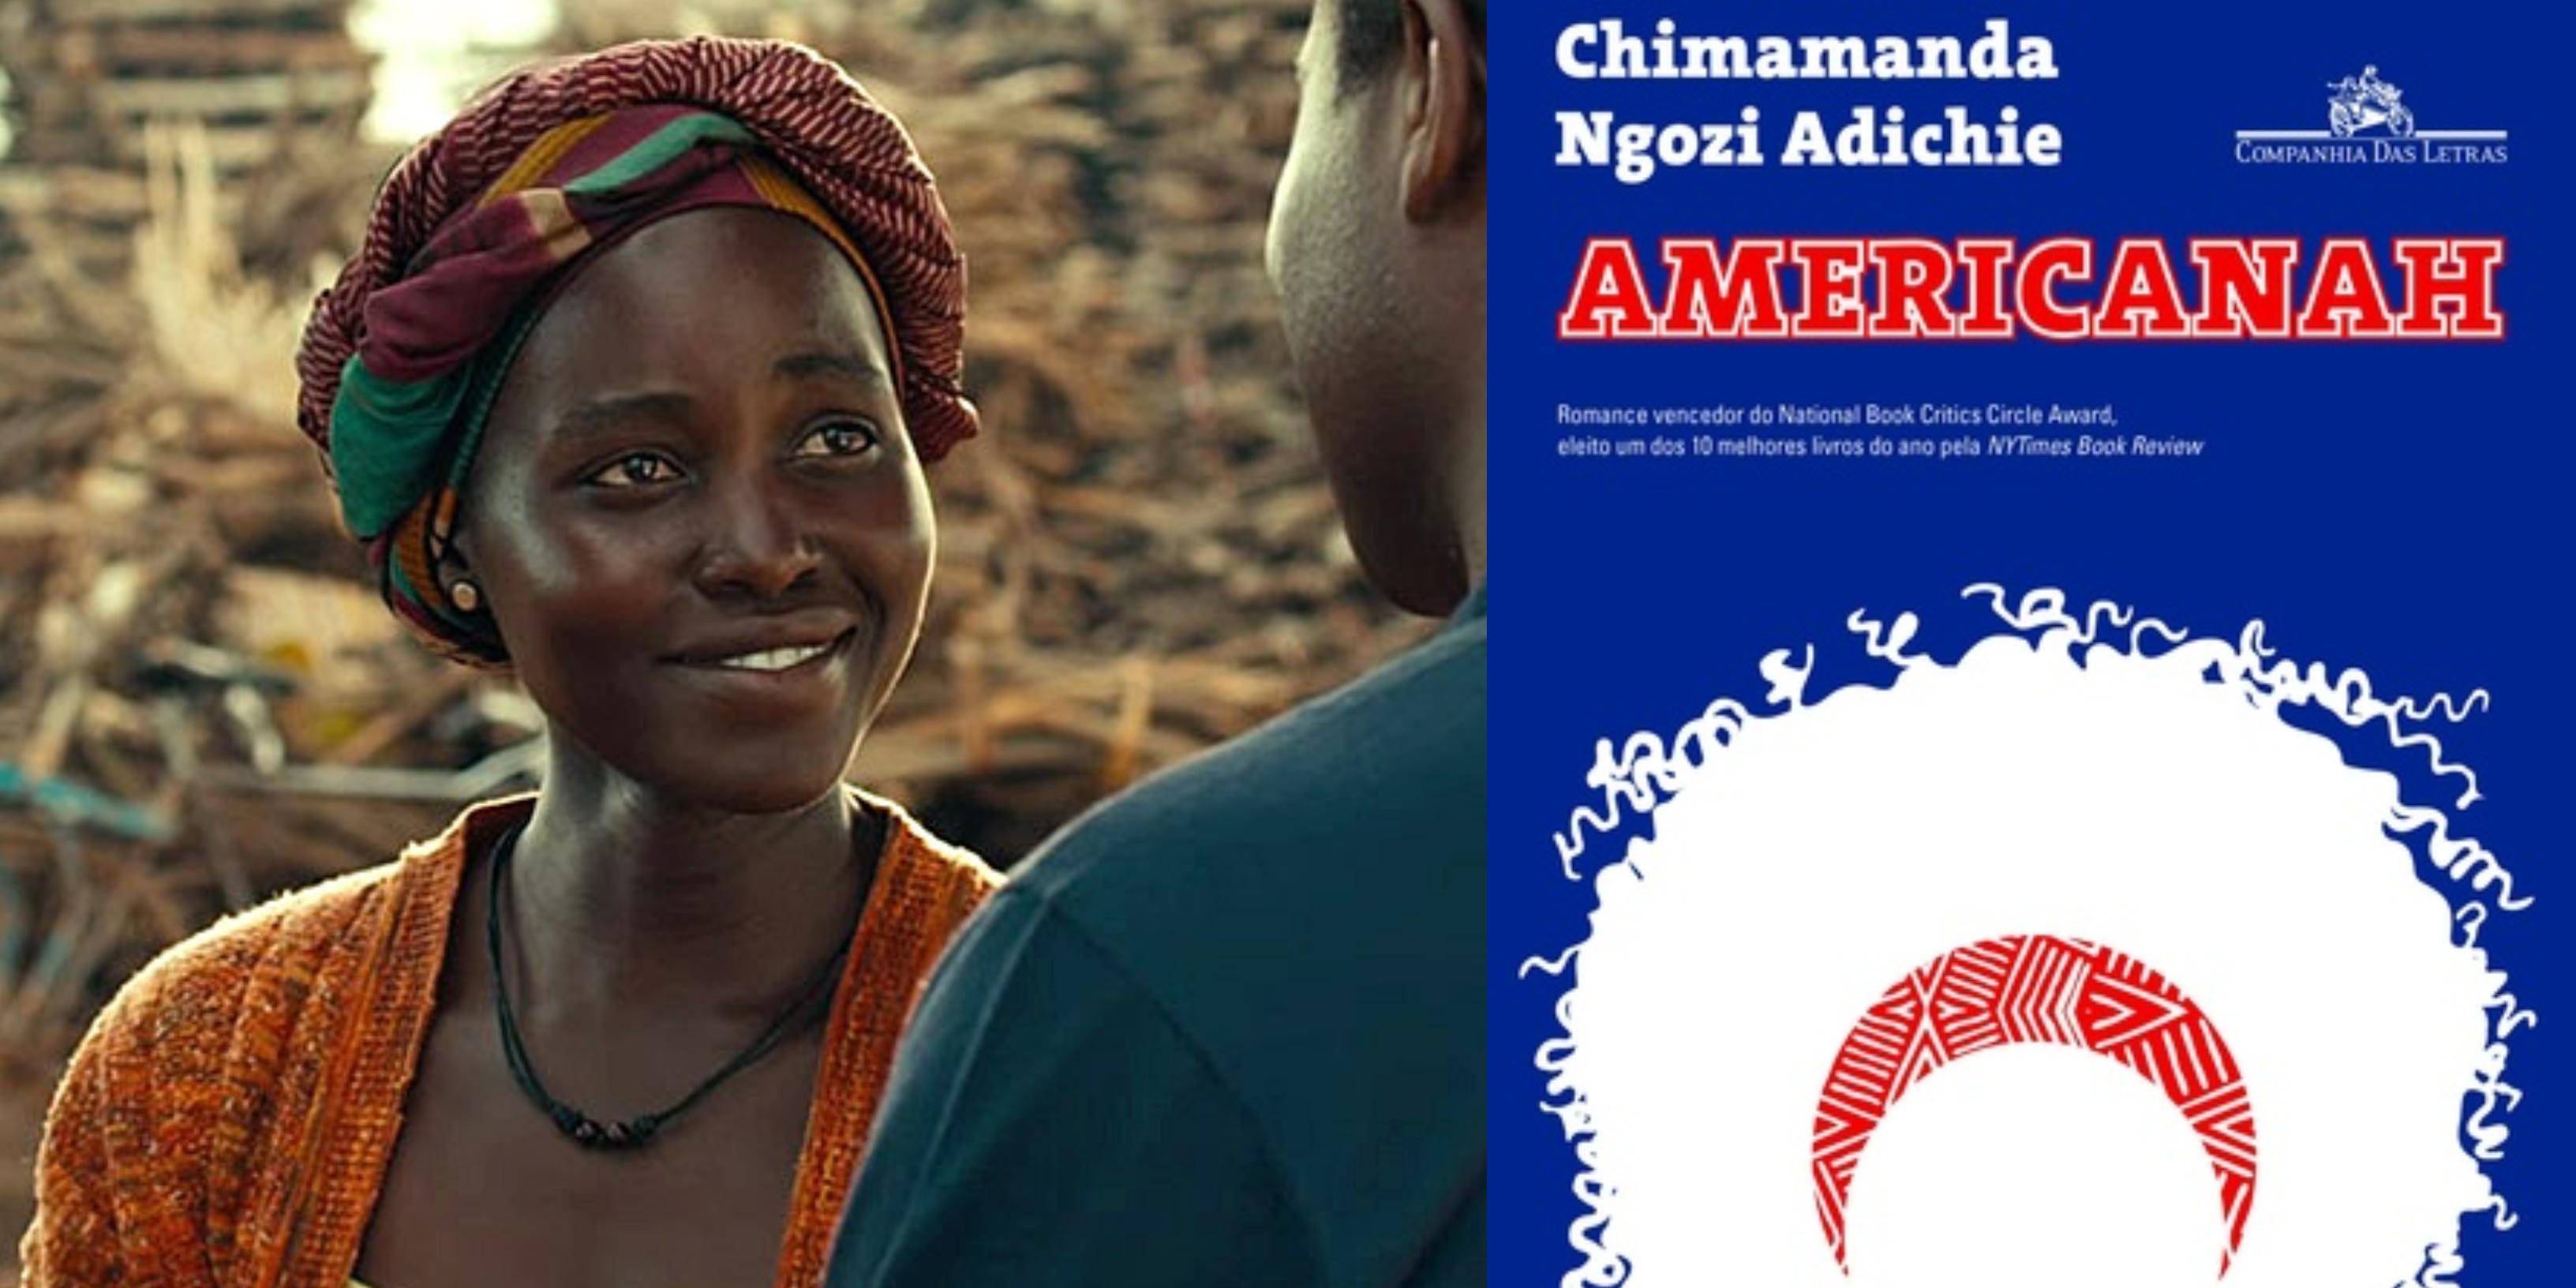 Resultado de imagem para Lupita Nyong'o irá estrelar série baseada no livro Americanah Lupita Nyong'o irá estrelar série baseada no livro Americanah